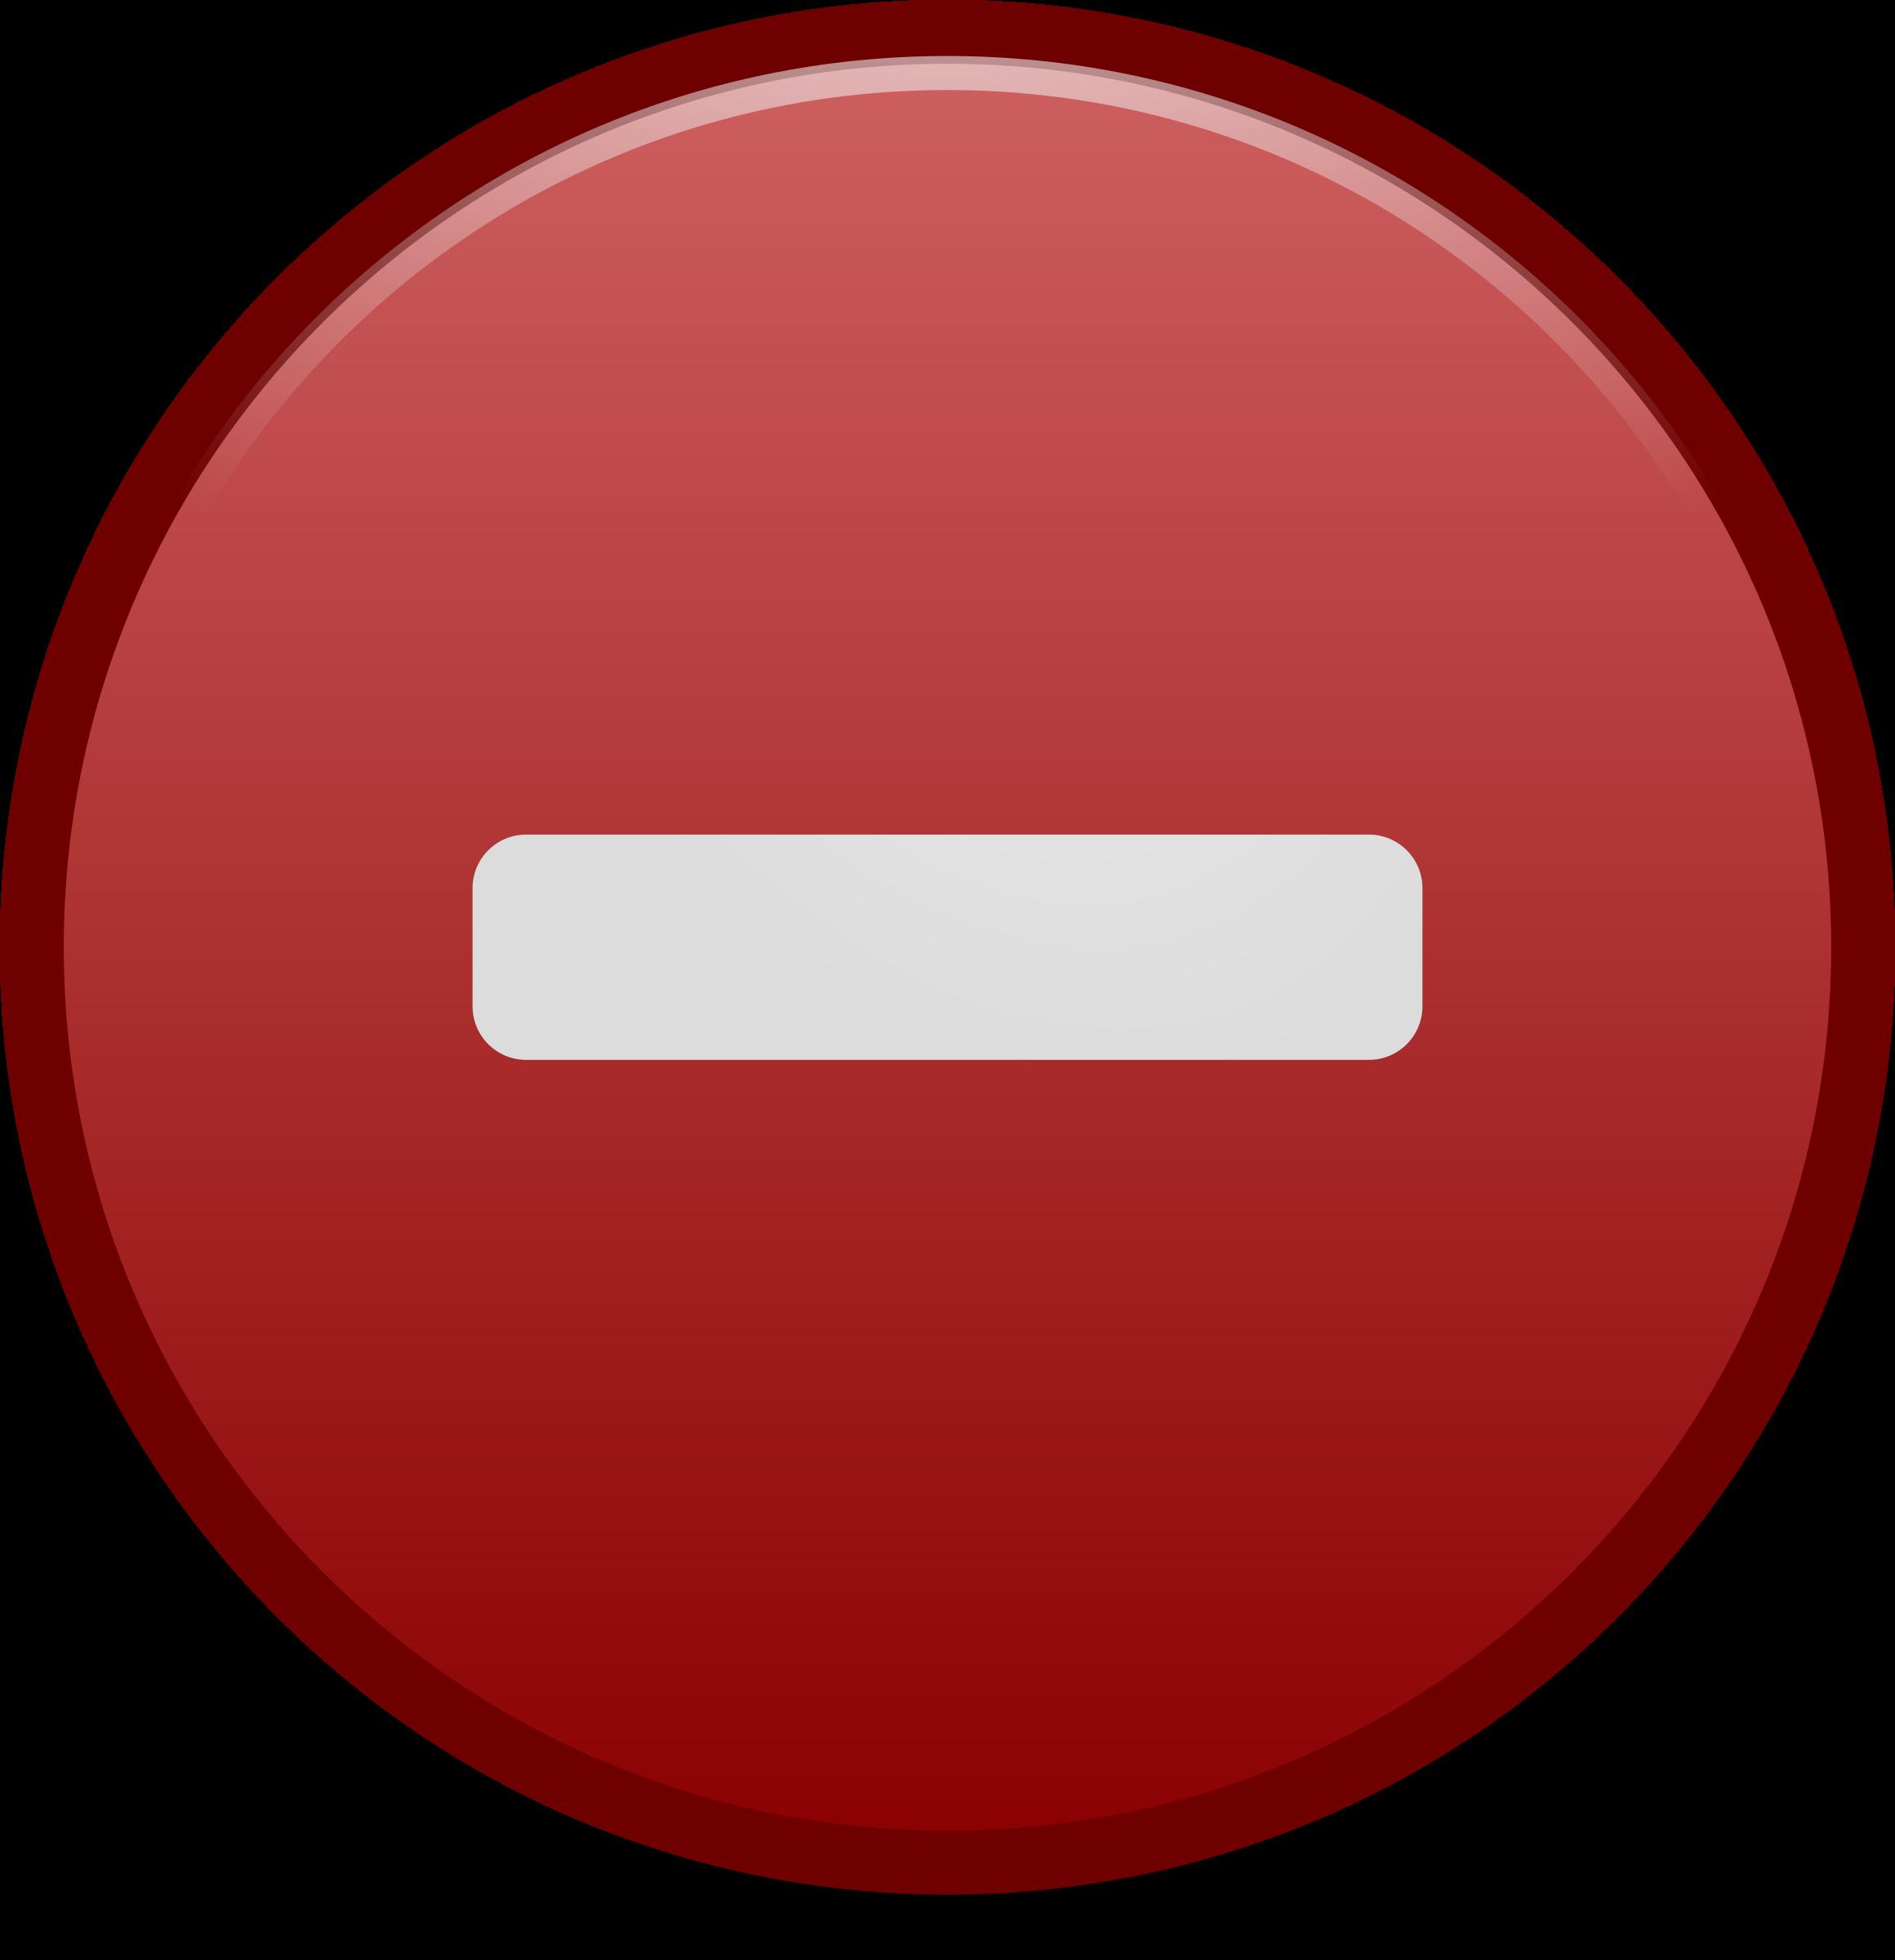 clipart negative emblem icon